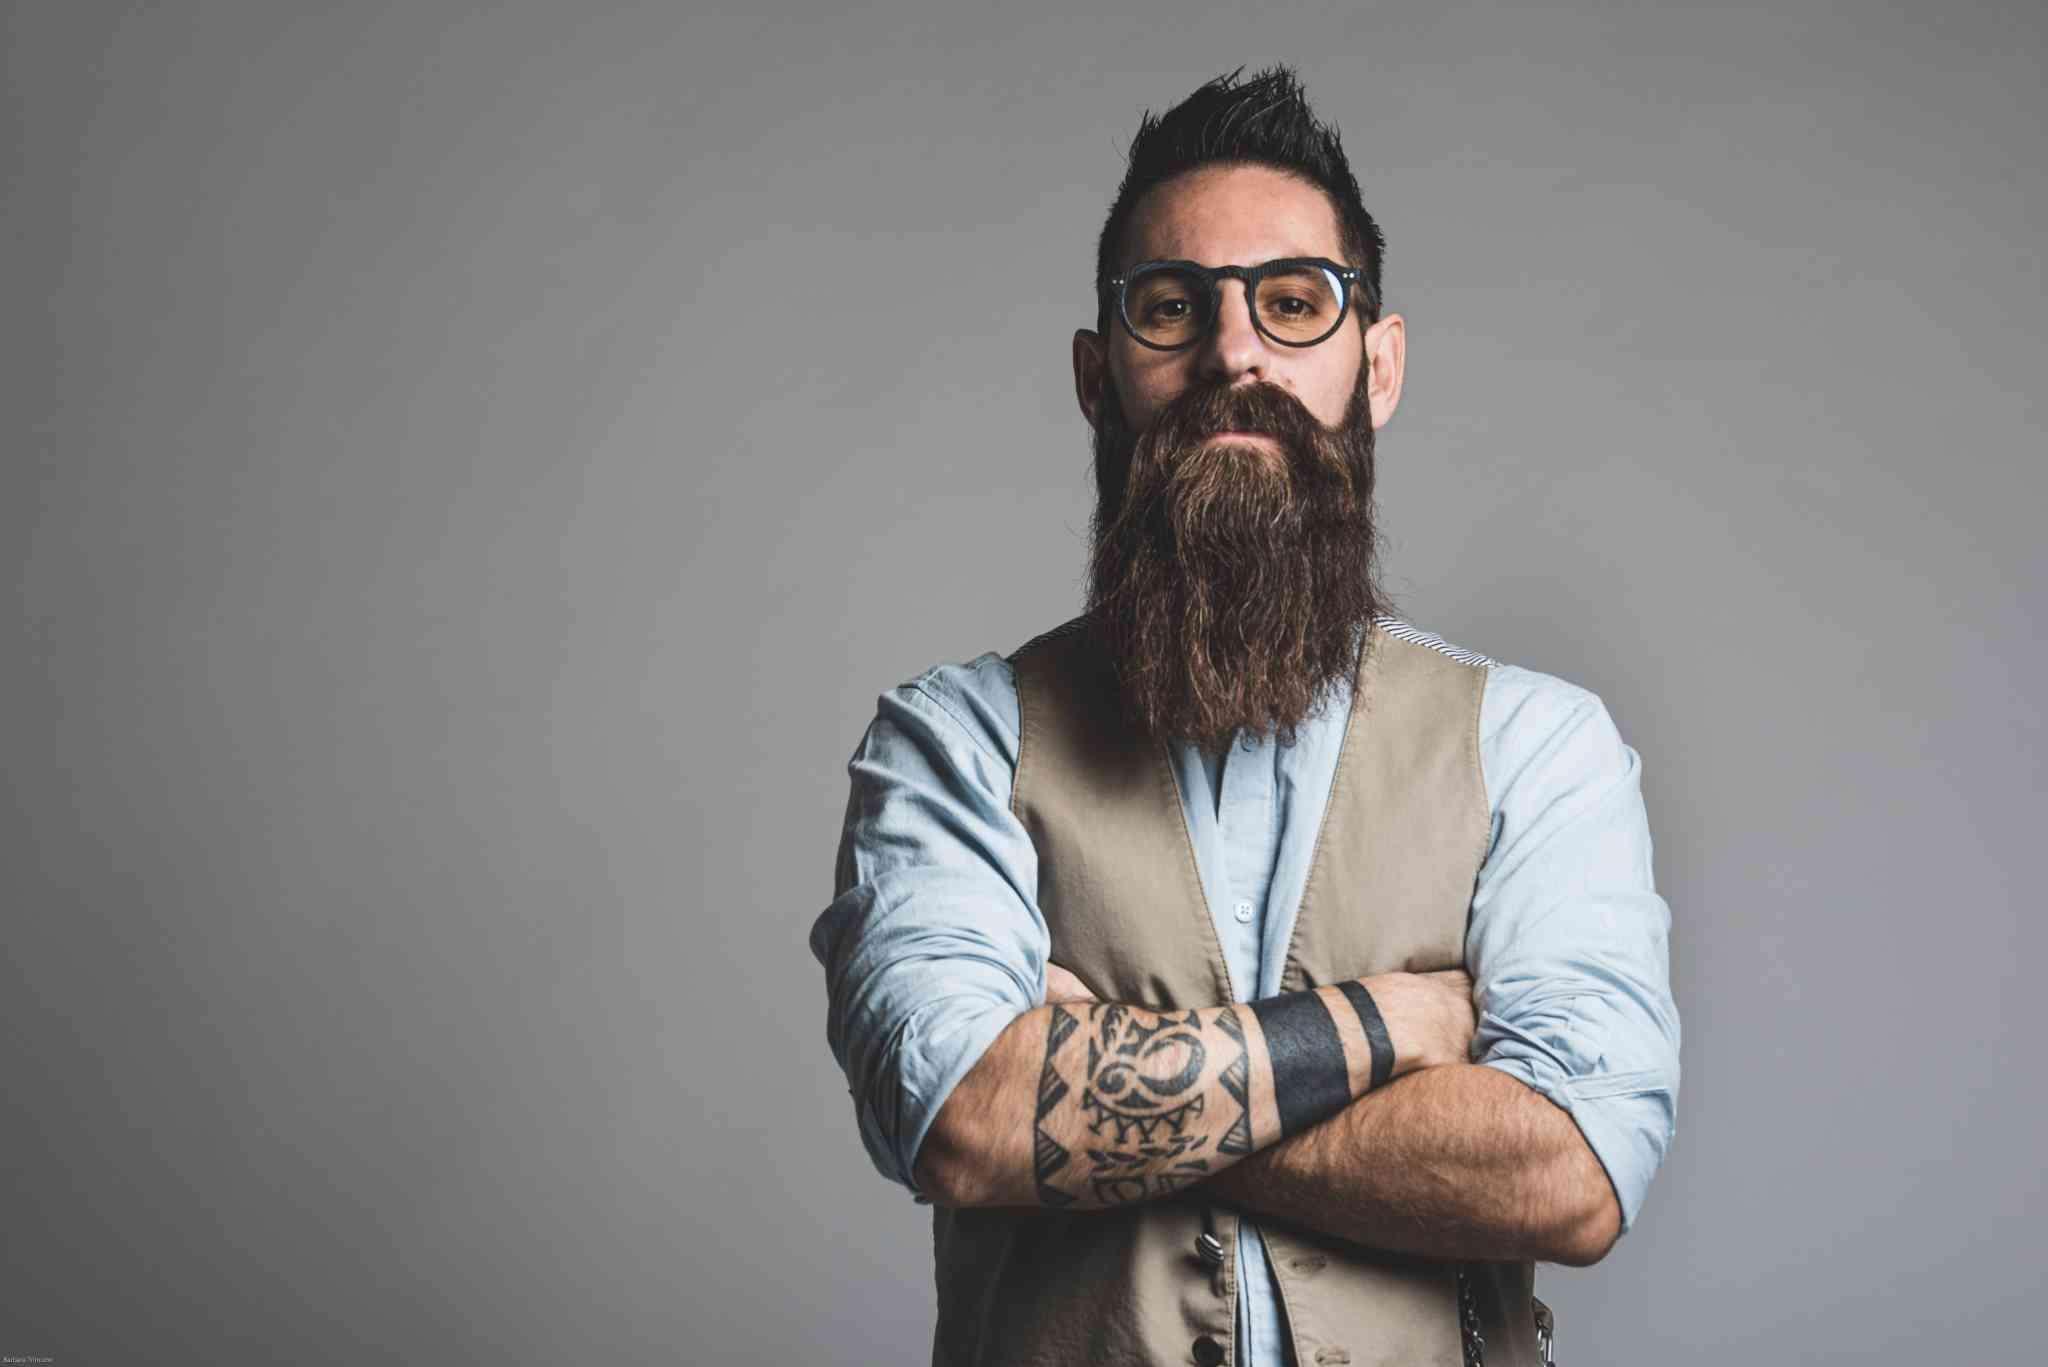 Fotografia istituzionale ragazzo con barba